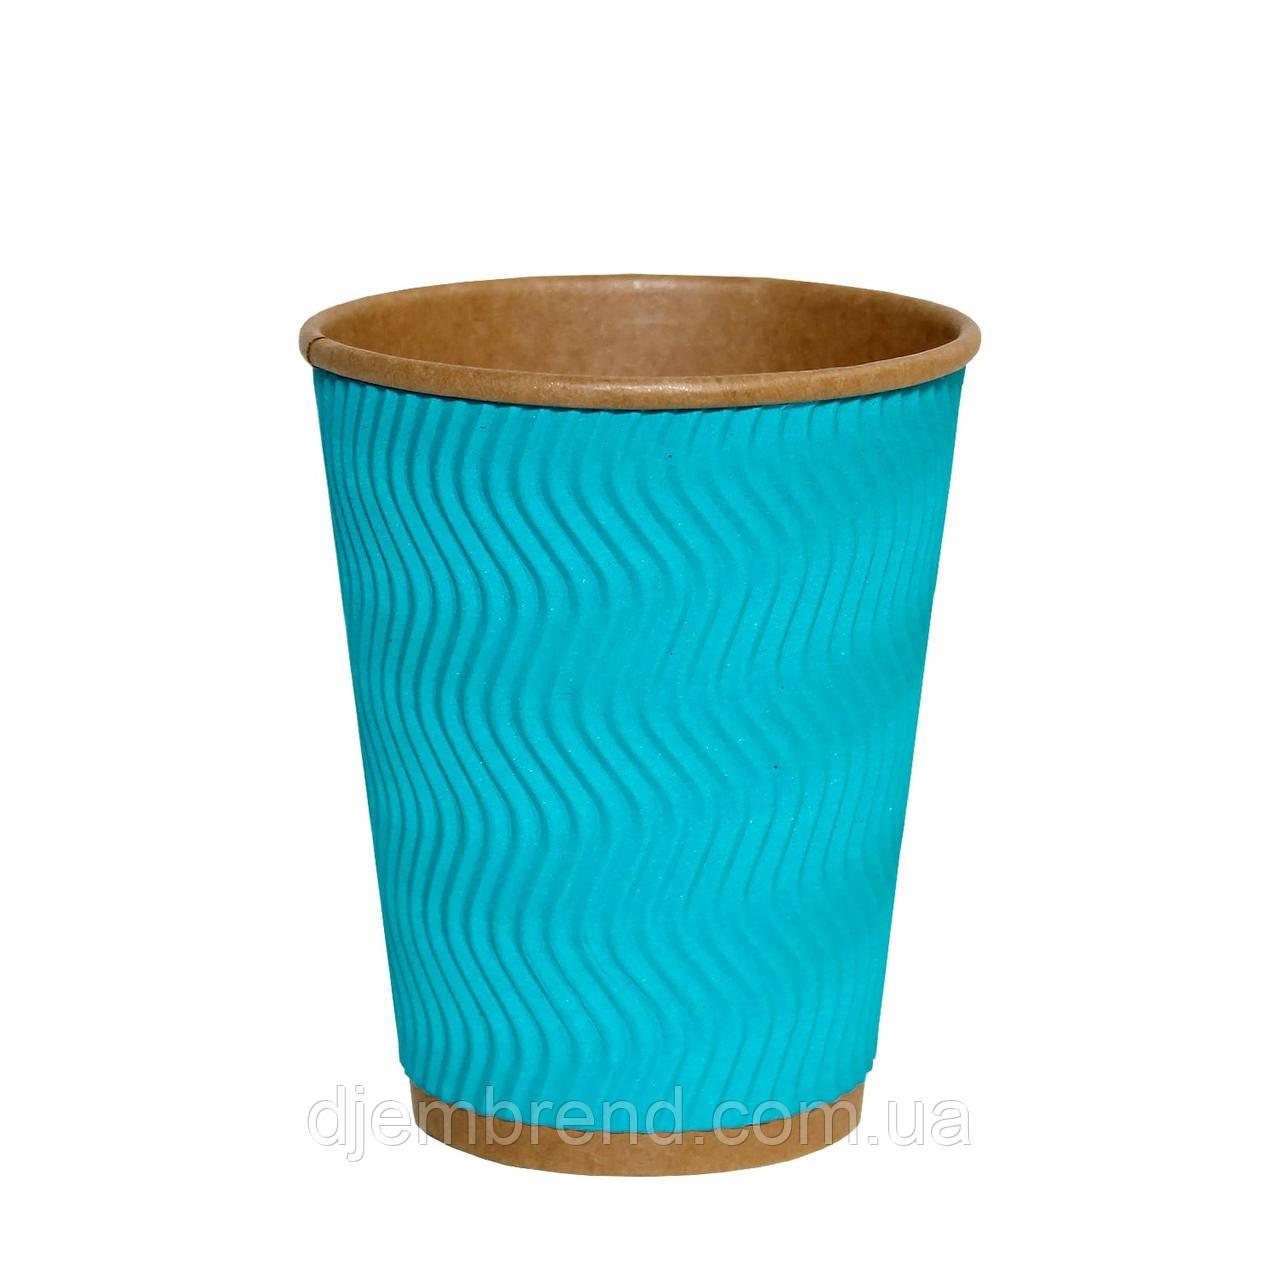 Стакан бумажный гофрированный Голубой волна 250 мл 30шт/уп КР 81